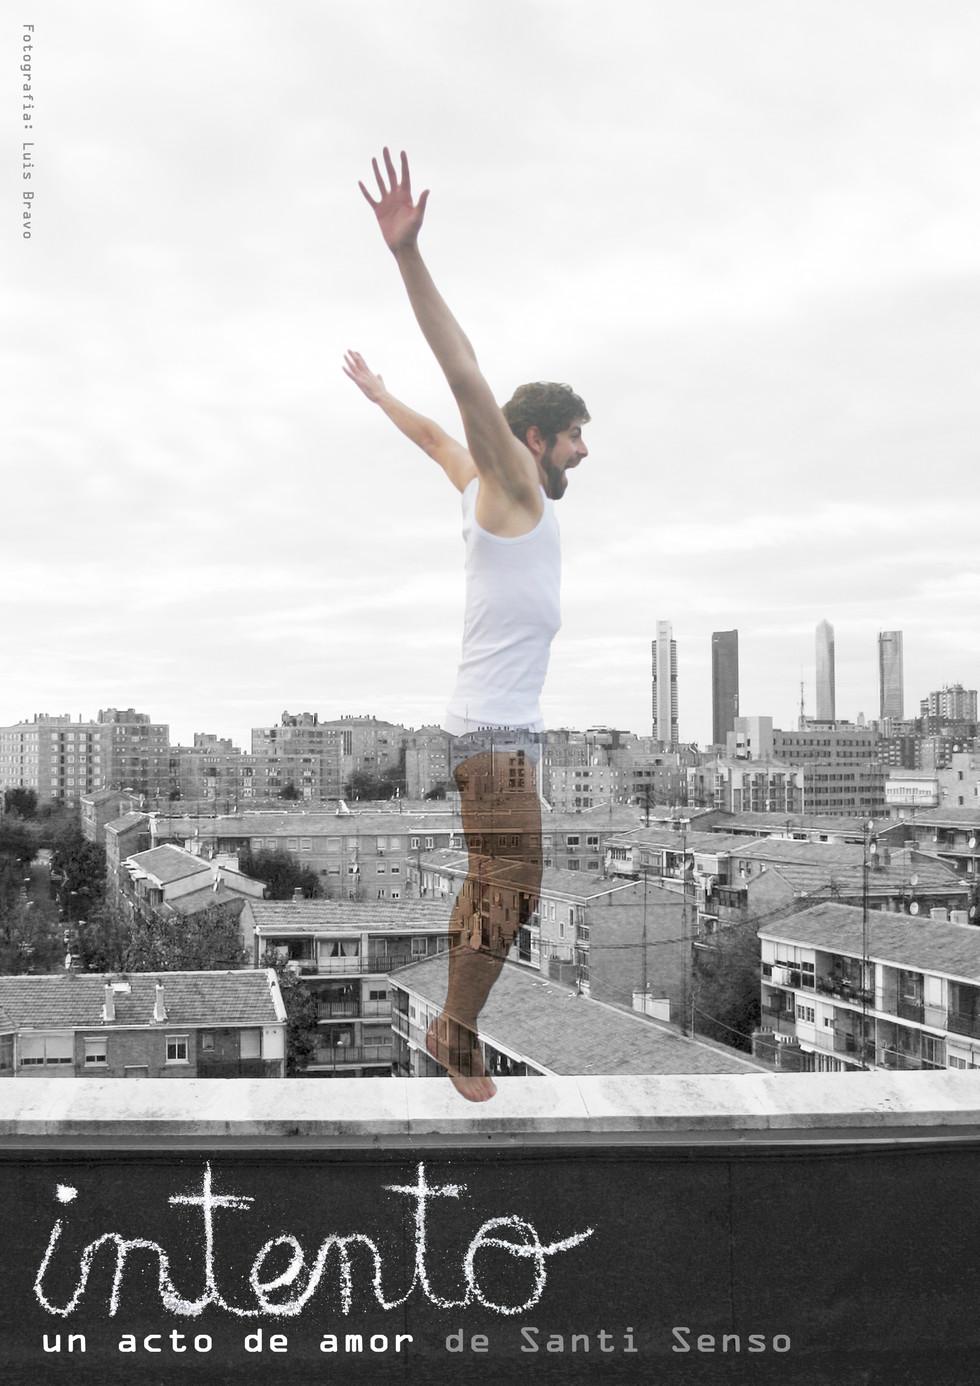 Foto de Luís Bravo.